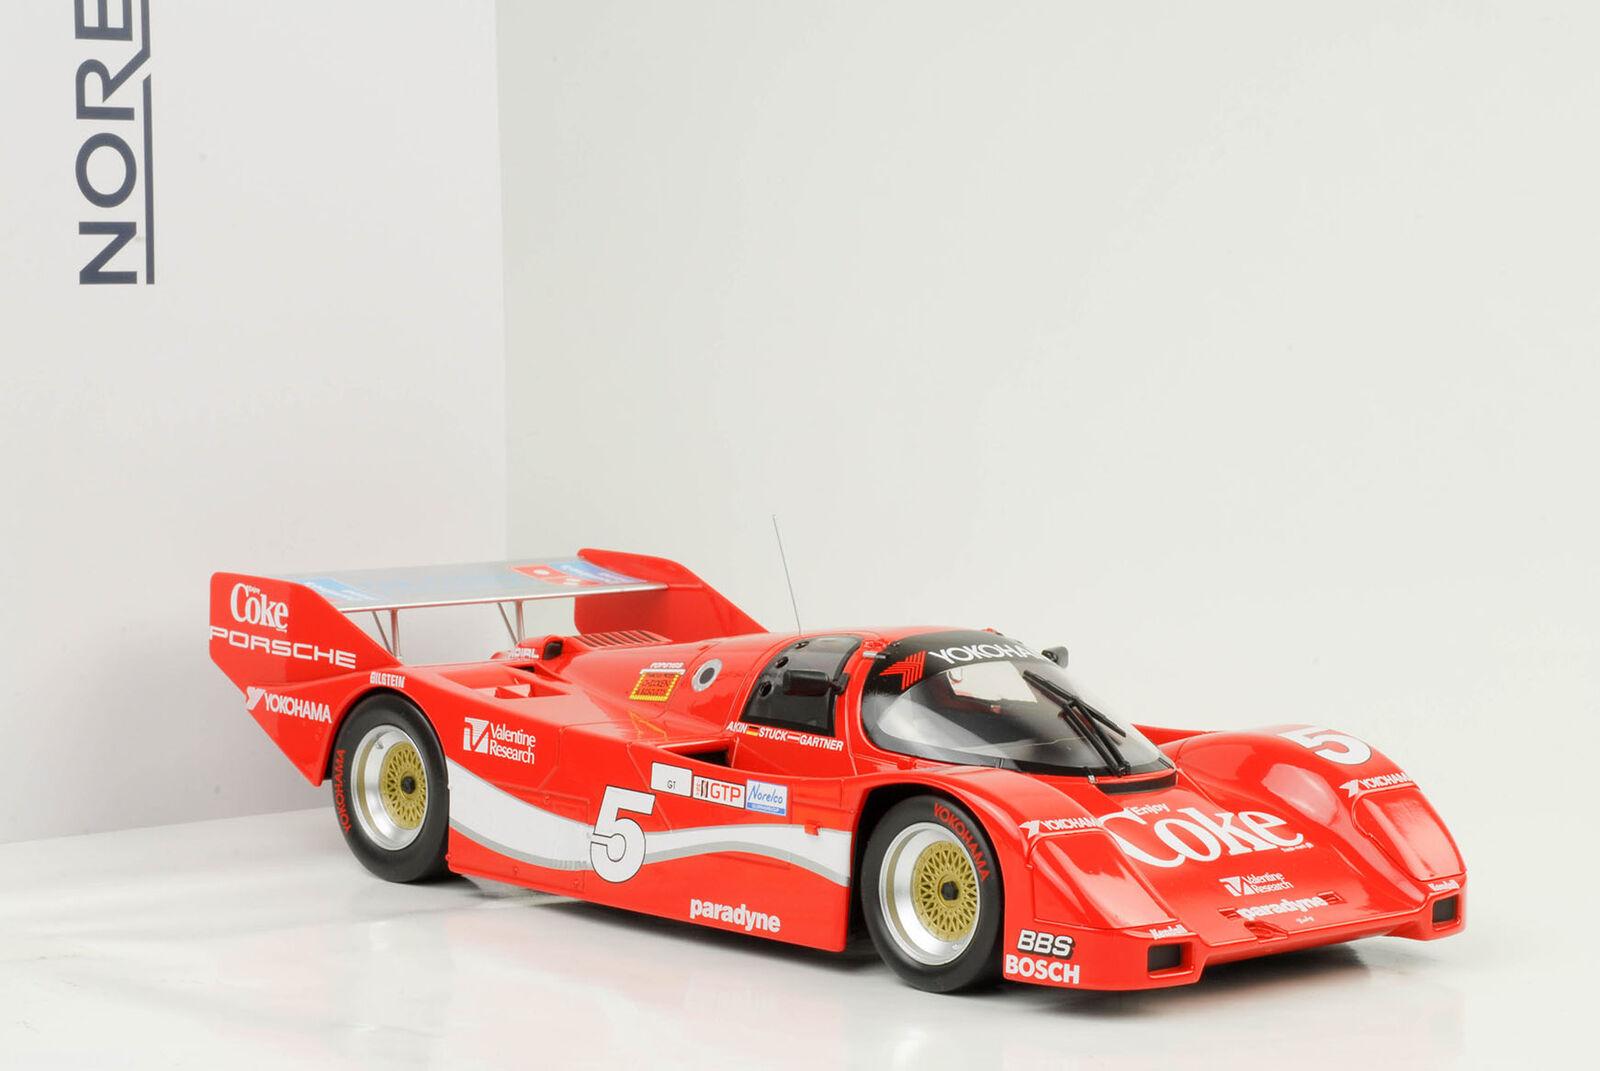 cómodamente 1986 Porsche 962 962 962  5 Coke winner Sebring akin trozo gartner 1 18 norev  Con precio barato para obtener la mejor marca.